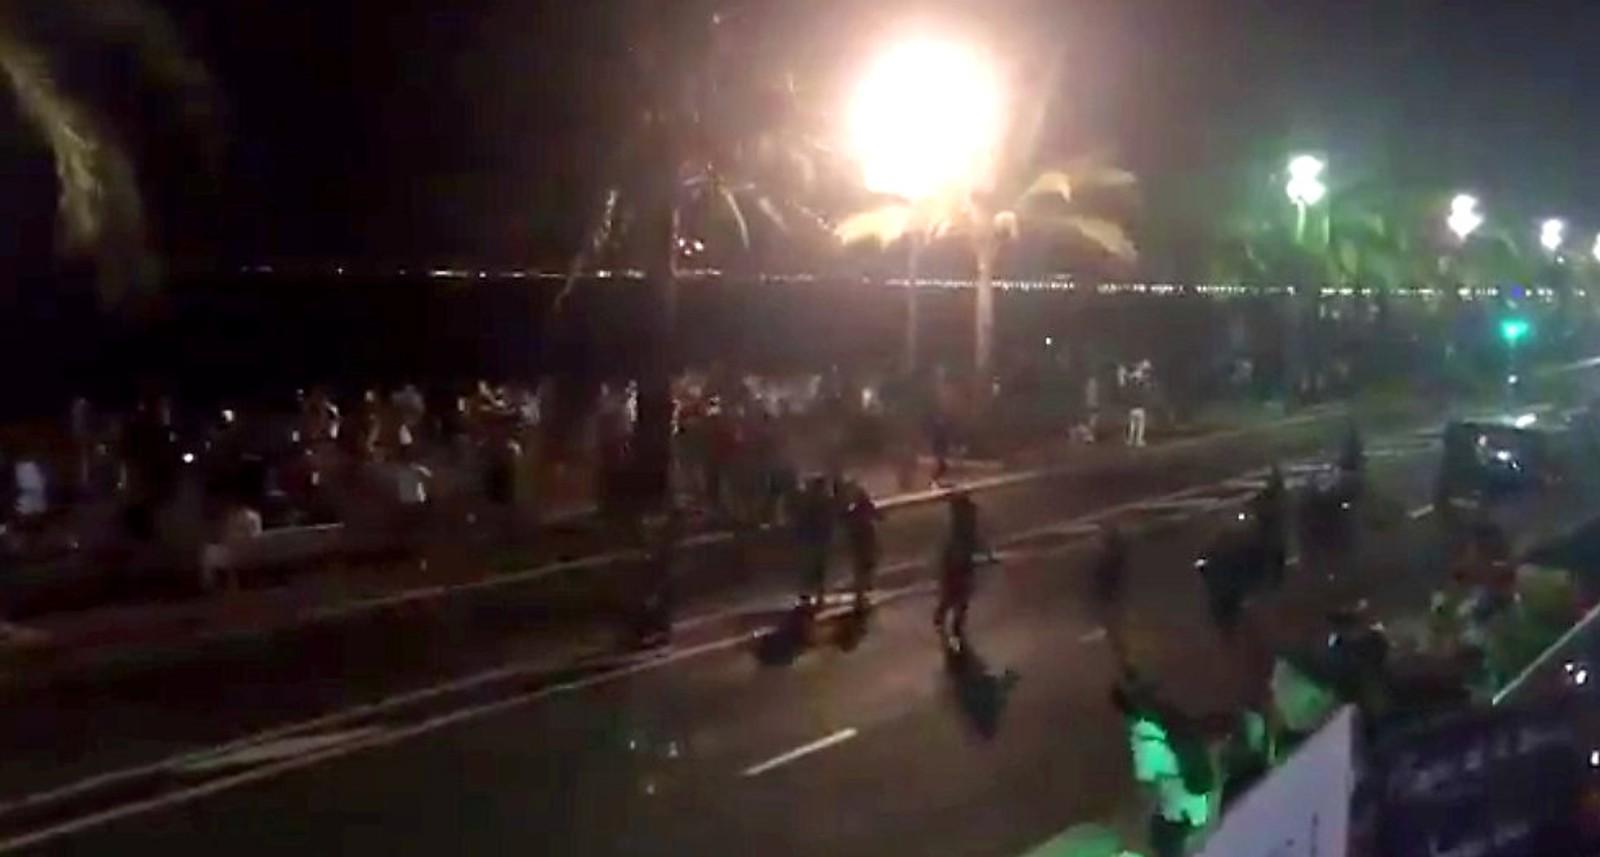 Terrorangrep i Nice 14. juli 2016: Folk flykter i panikk.